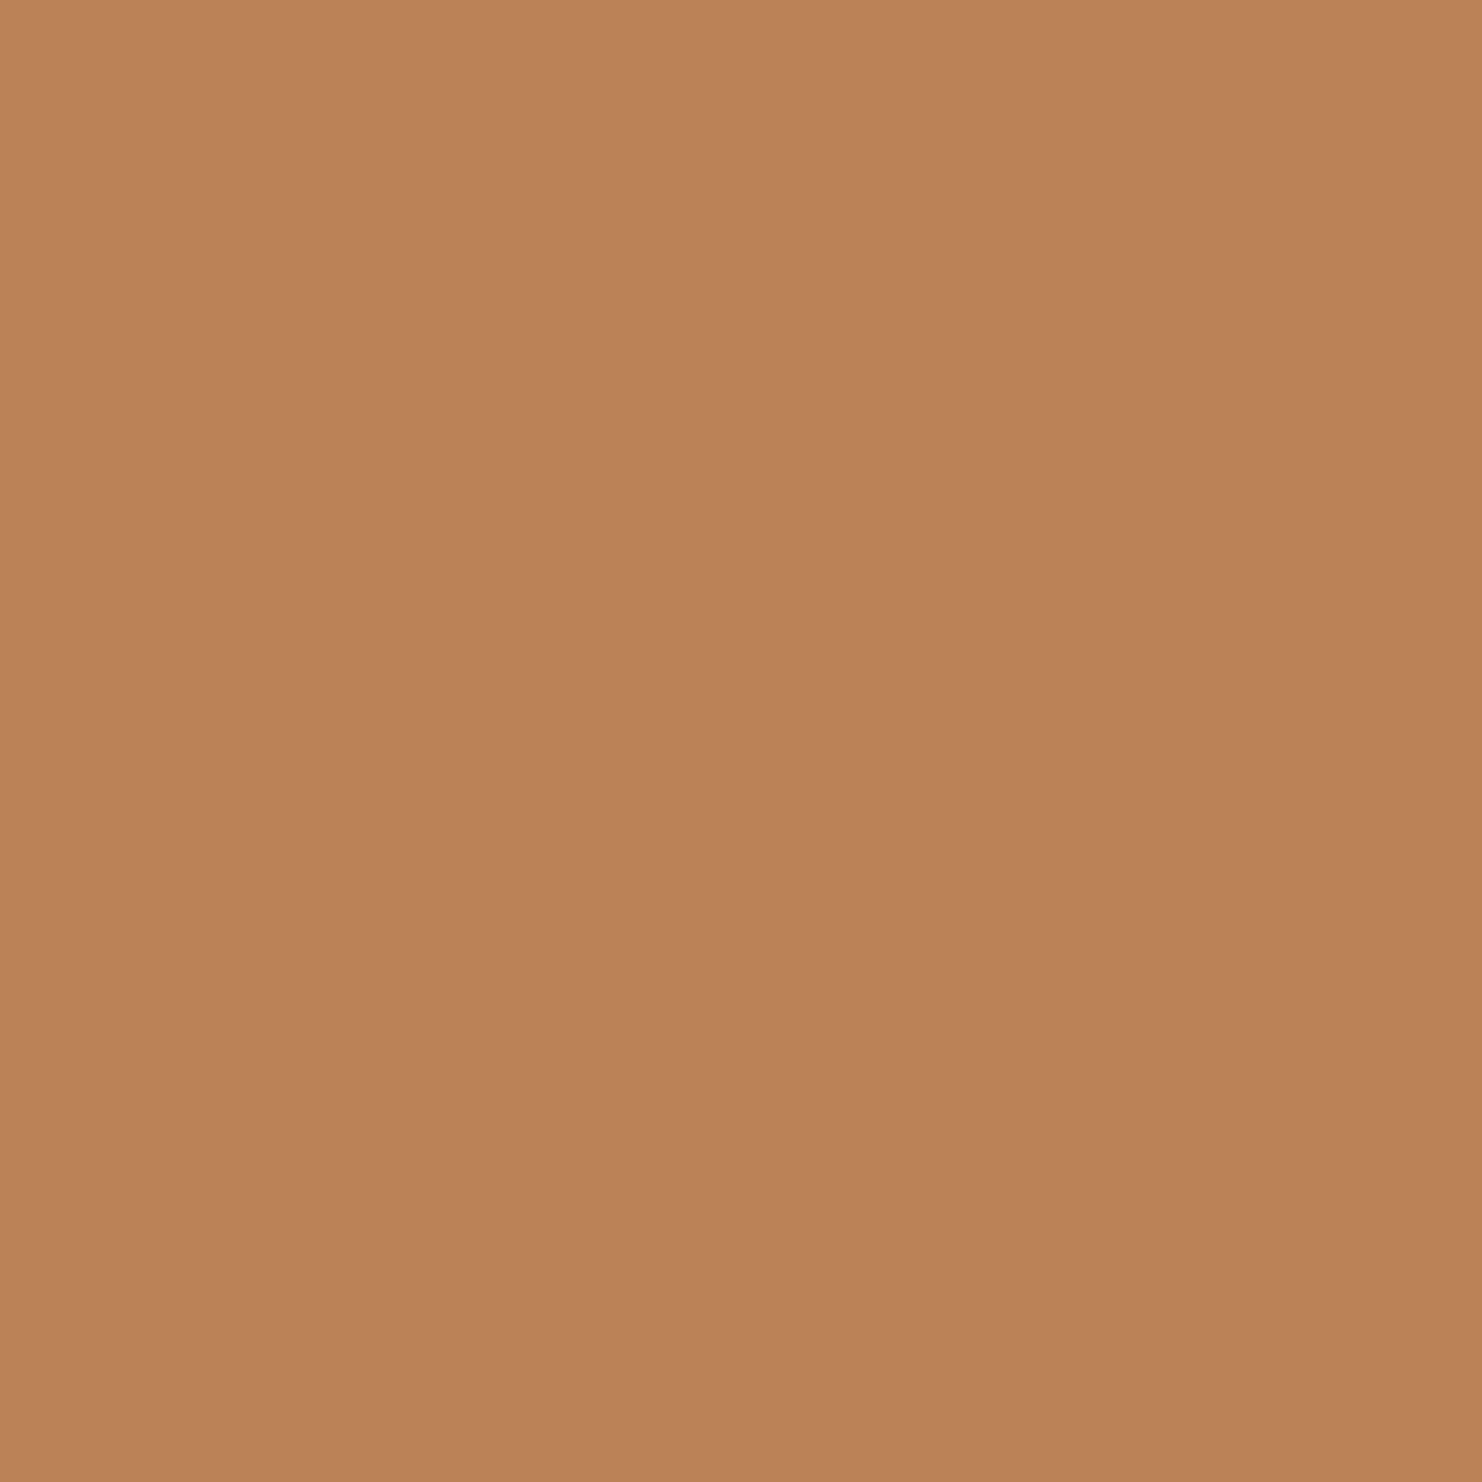 彼ら間欠高架SANMIMORE(サンミモレ化粧品) UVパクト 54号ナチュラル (レフィル 替パフ付)